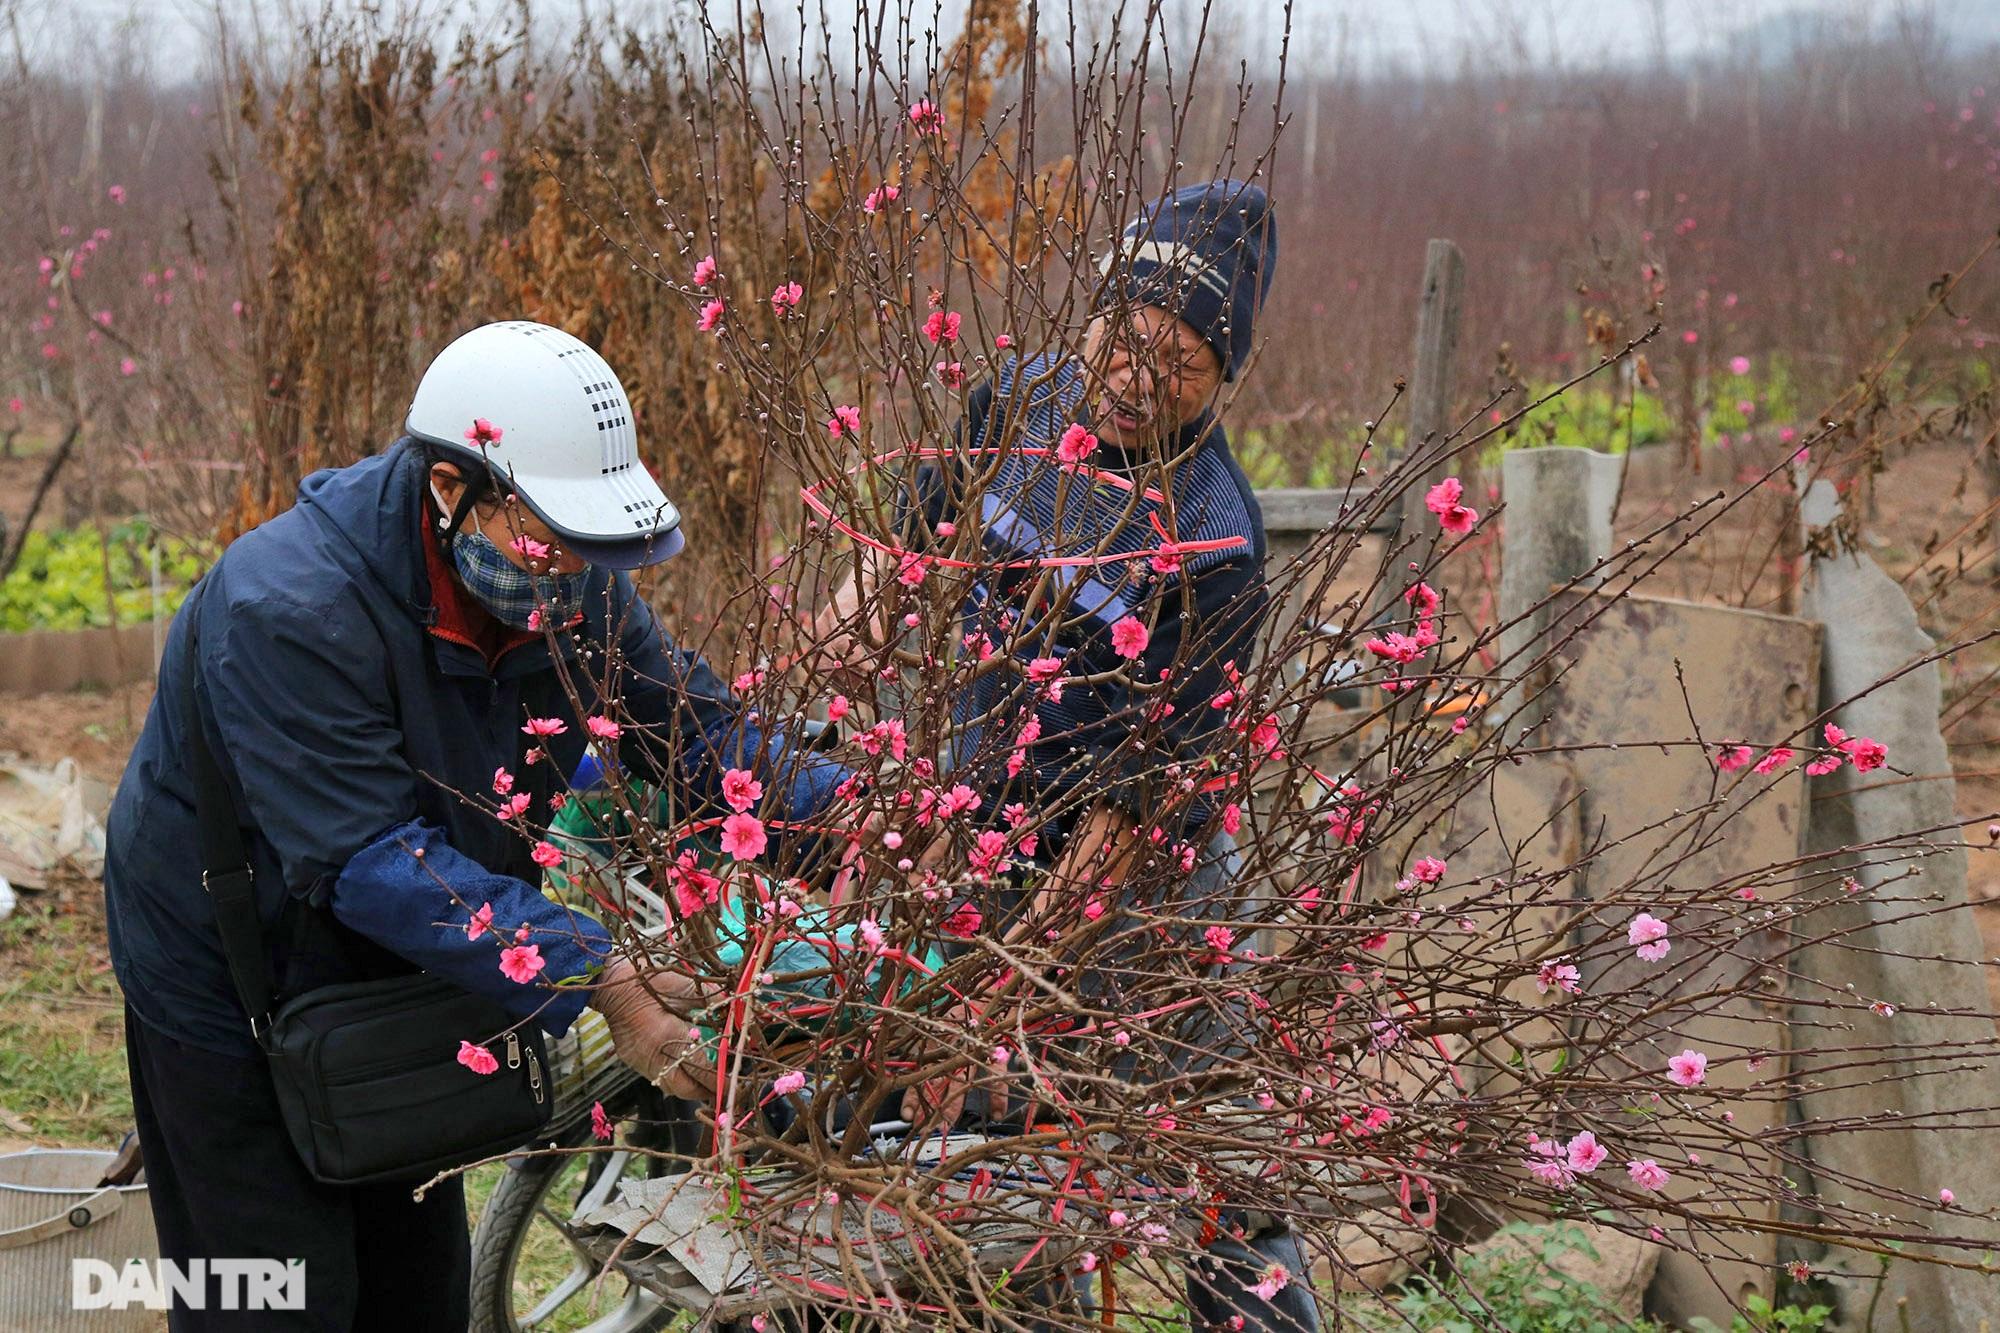 Hoa đào đỏ rực phủ kín cánh đồng Nhật Tân rộng bát ngát - 15